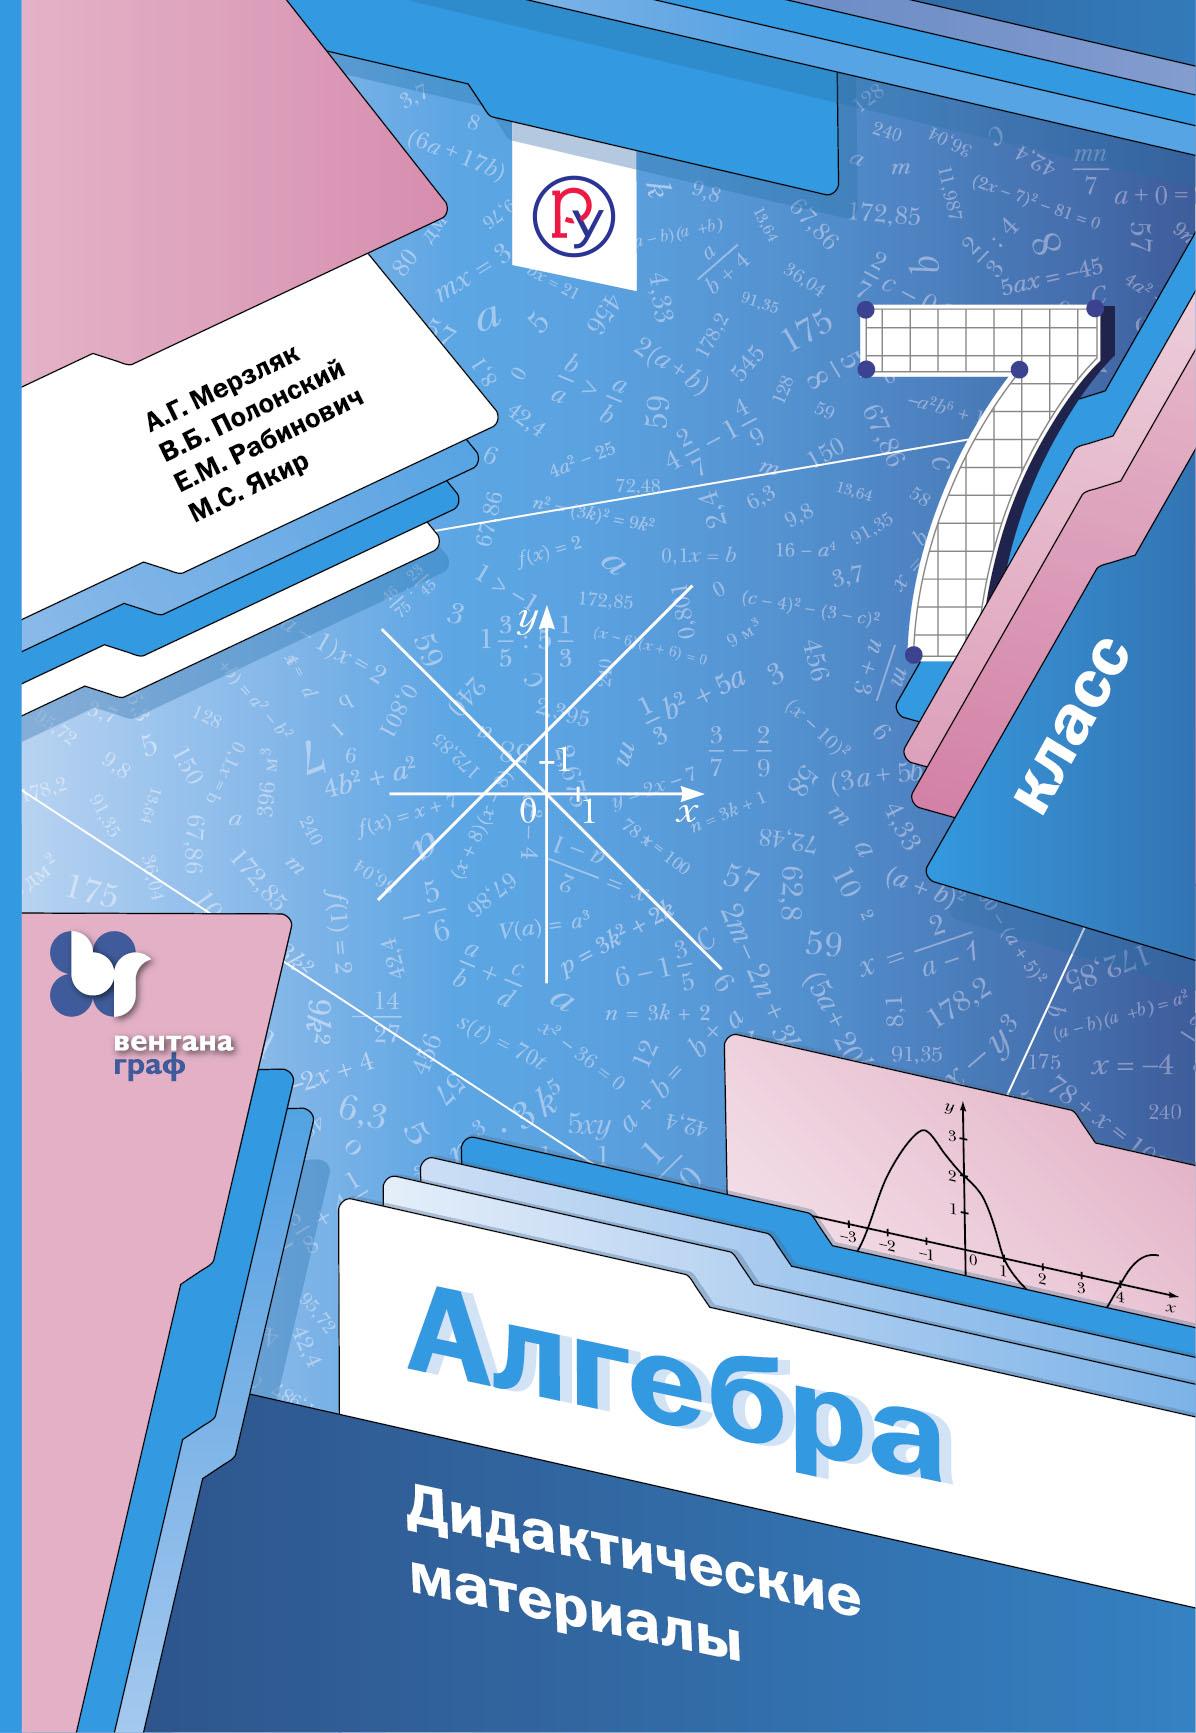 Алгебра. 7класс. Дидактические материалы. ( Мерзляк А.Г., Полонский В.Б., Рабинович Е.М.  )